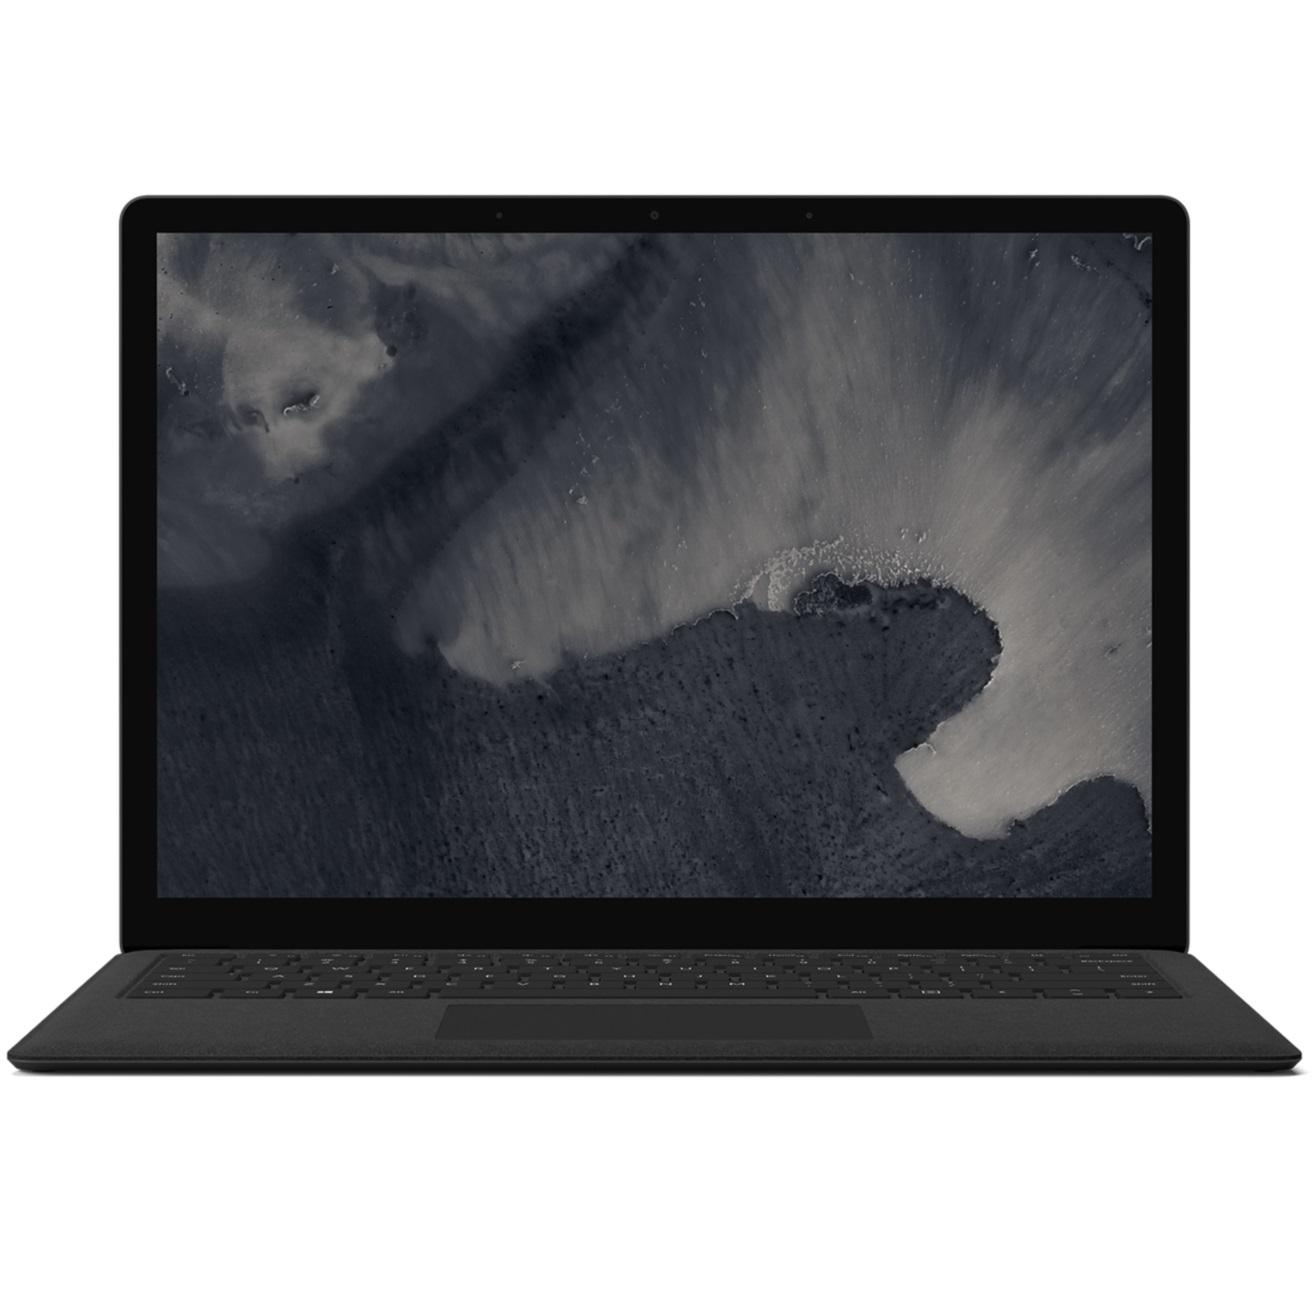 فروش اقساطی لپ تاپ 13 اینچی مایکروسافت مدل Surface Laptop 2 - B